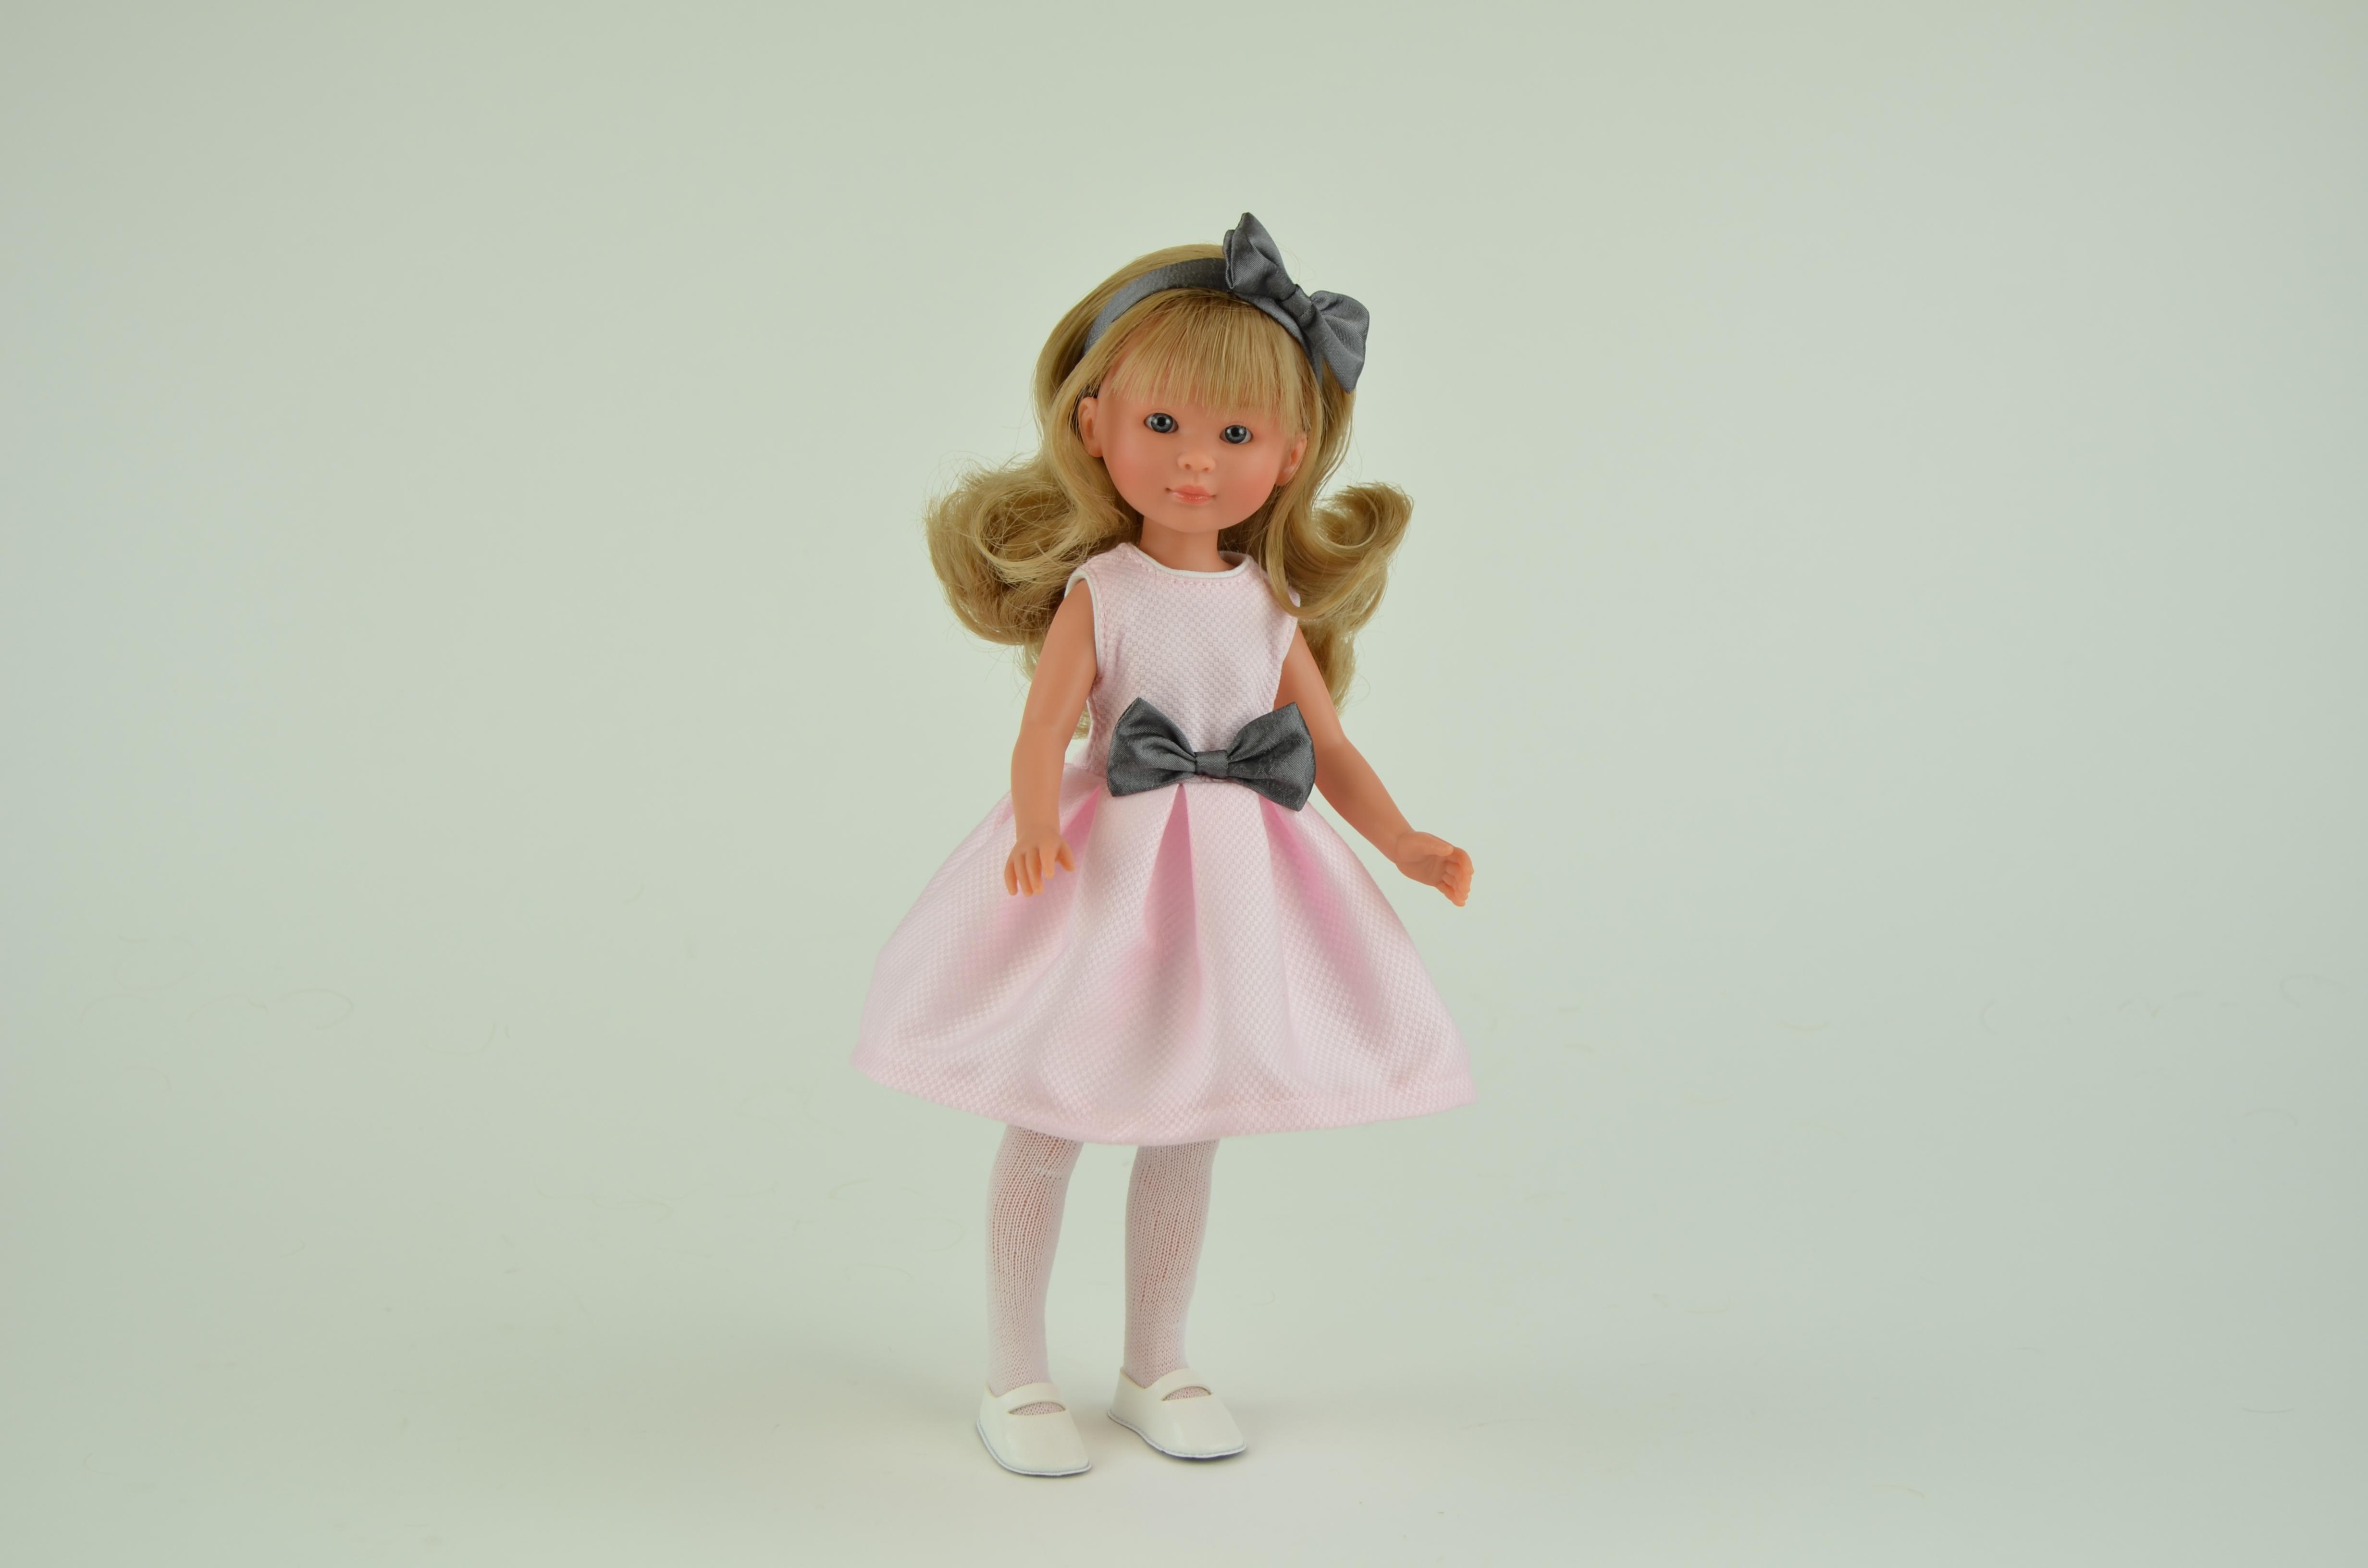 Кукла Селия в розовом платье, 30 см.Куклы ASI (Испания)<br>Кукла Селия в розовом платье, 30 см.<br>